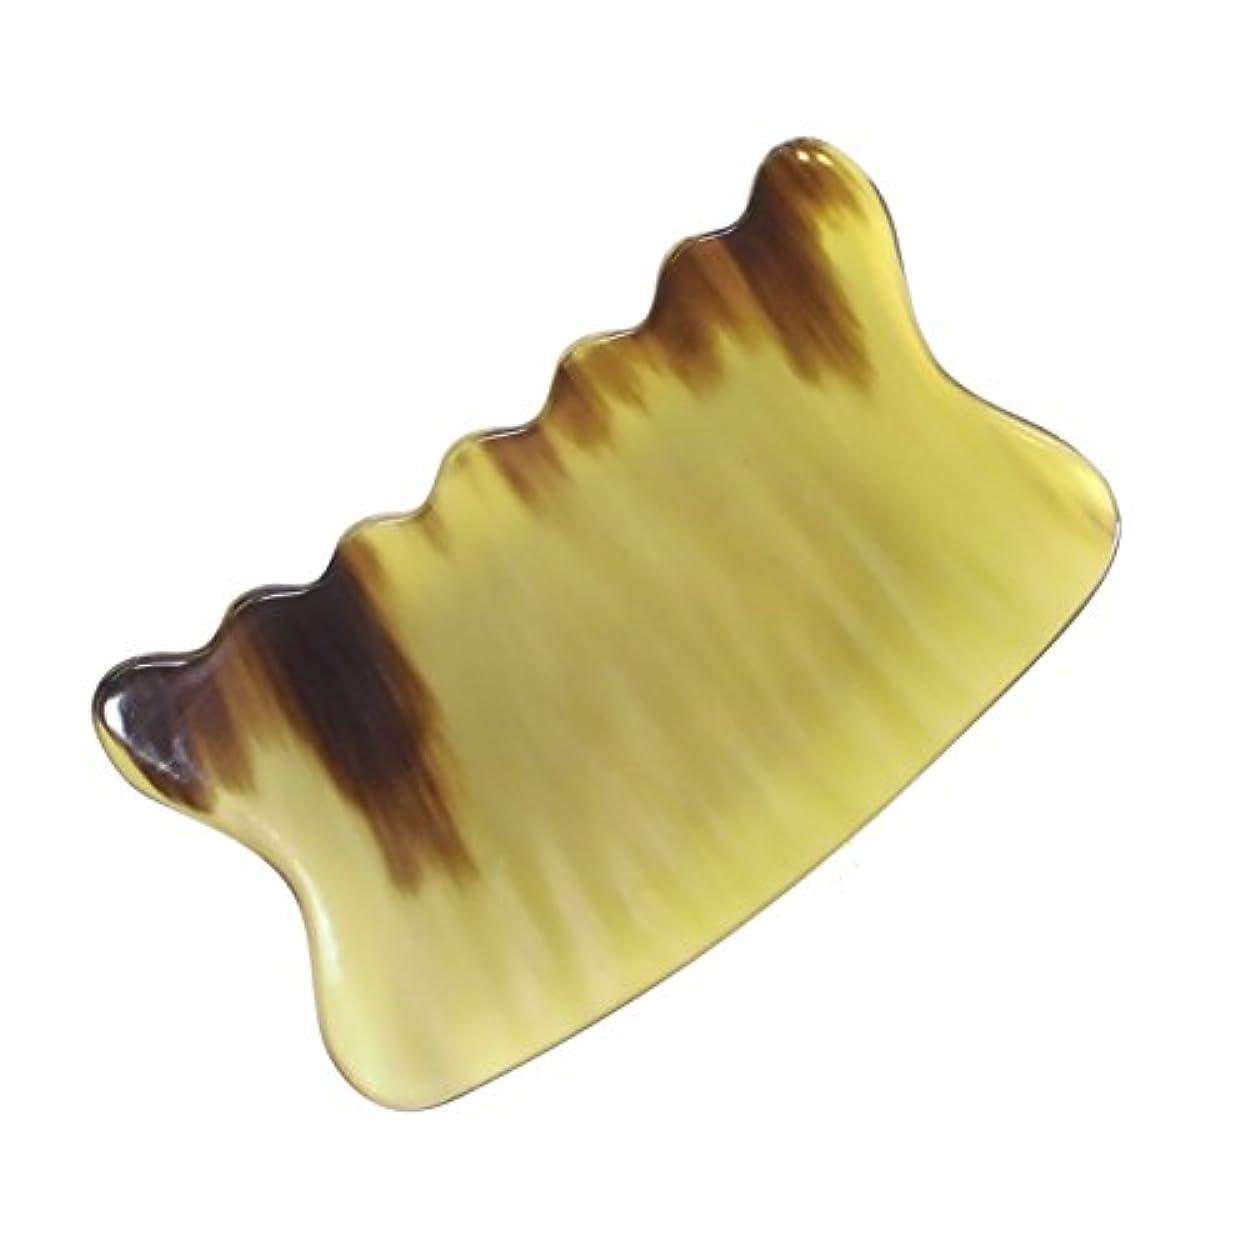 五アニメーション食い違いかっさ プレート 希少69 黄水牛角 極美品 曲波型